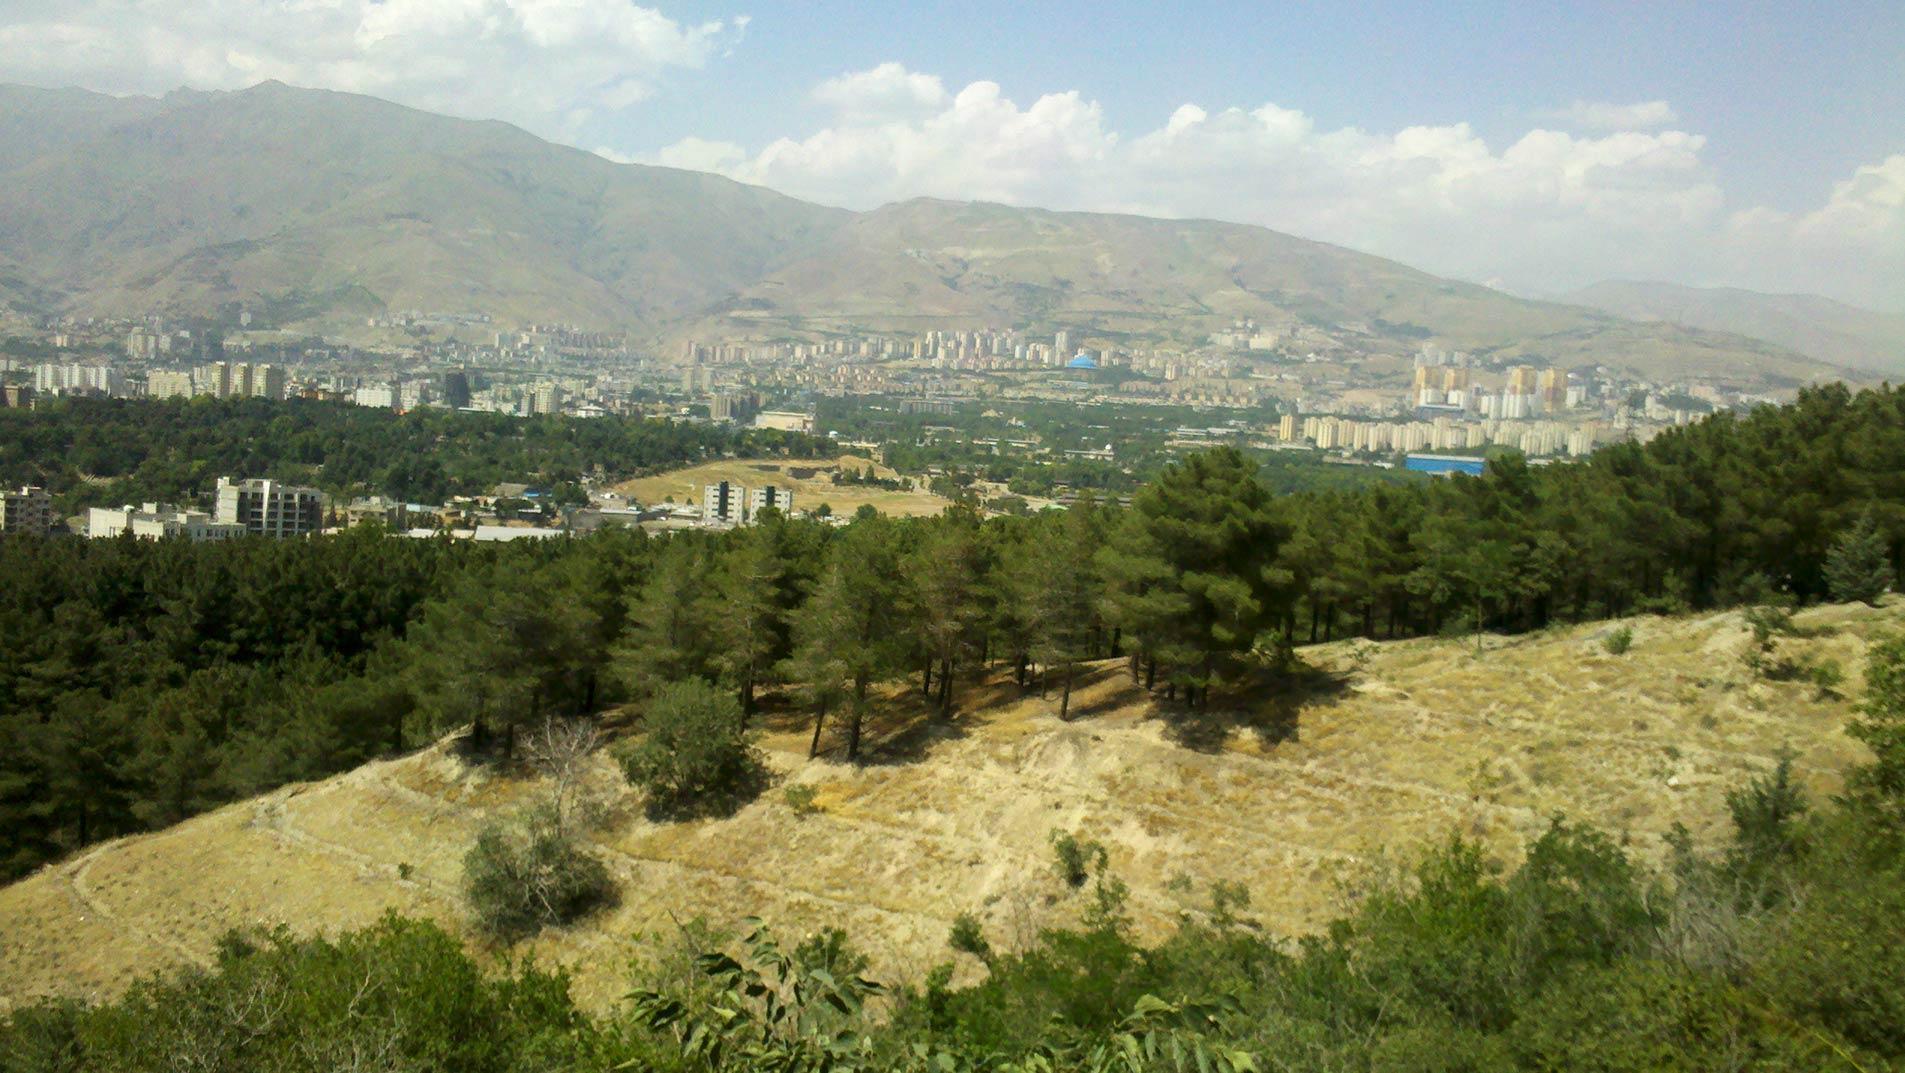 پارک جنگلی لویزان تهران ؛ طبیعت زیبا در همین نزدیکی